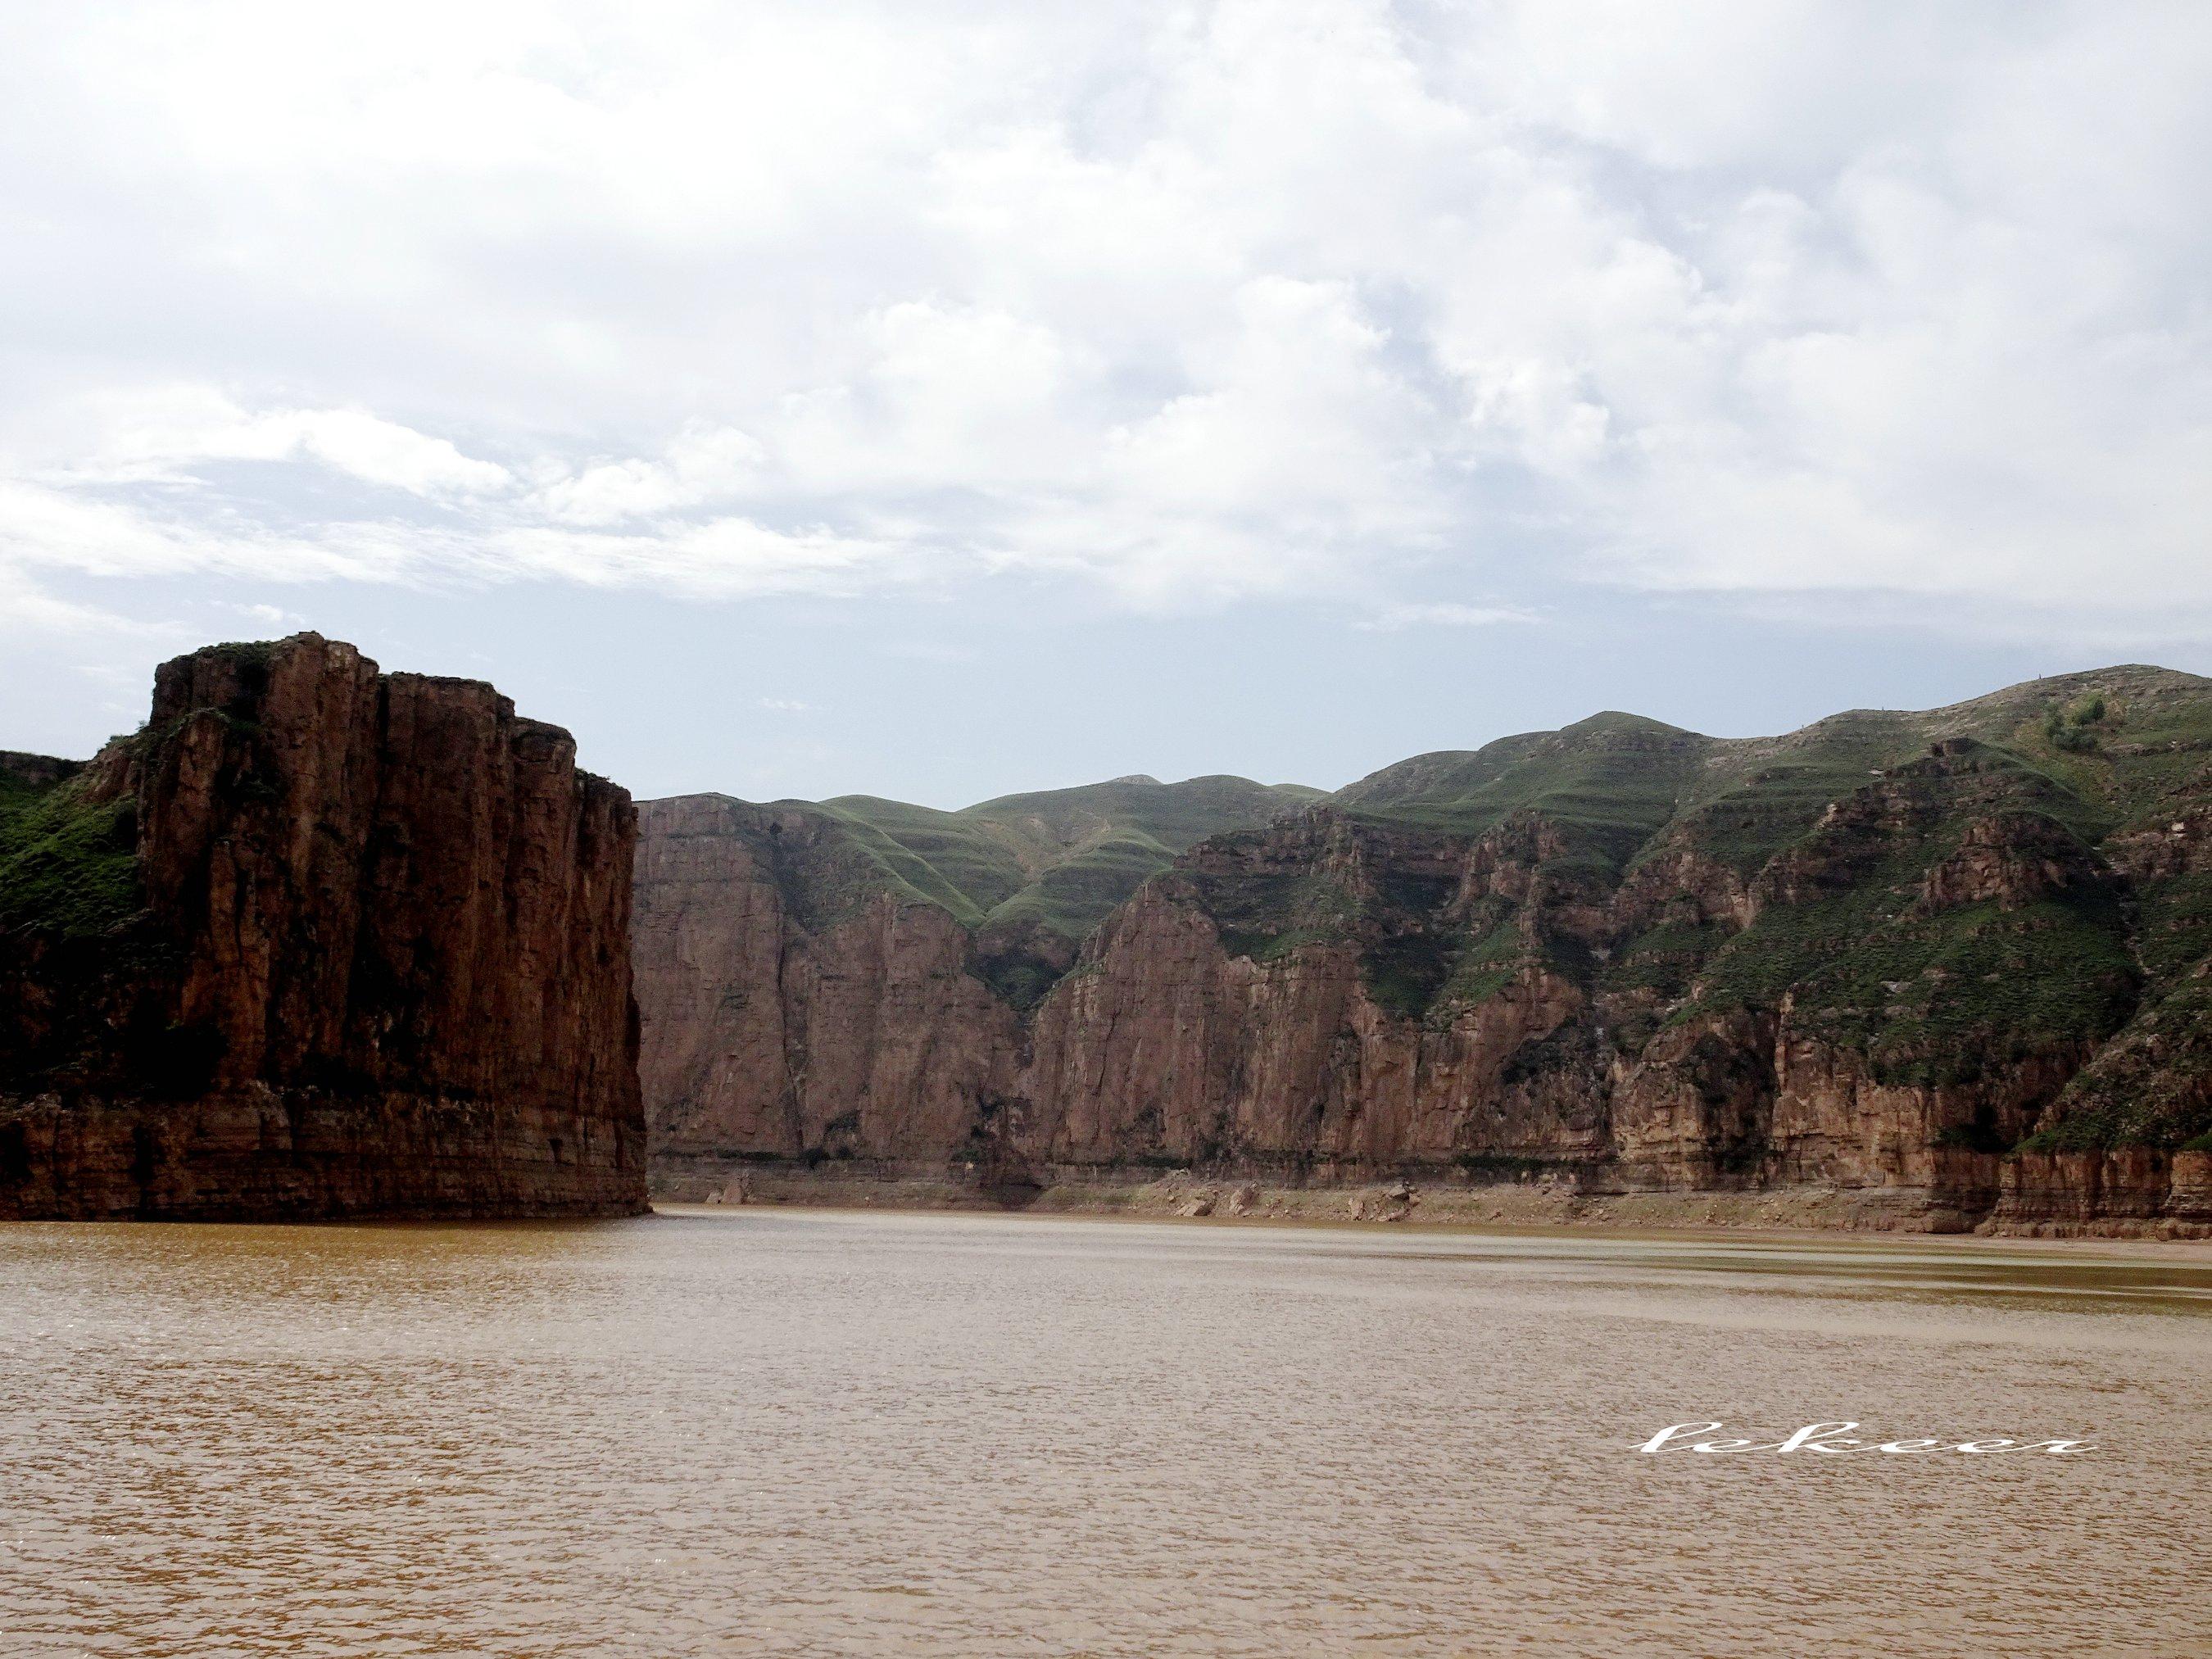 清水河老牛湾美景绝杀秘籍:城湾太极湾杨家川